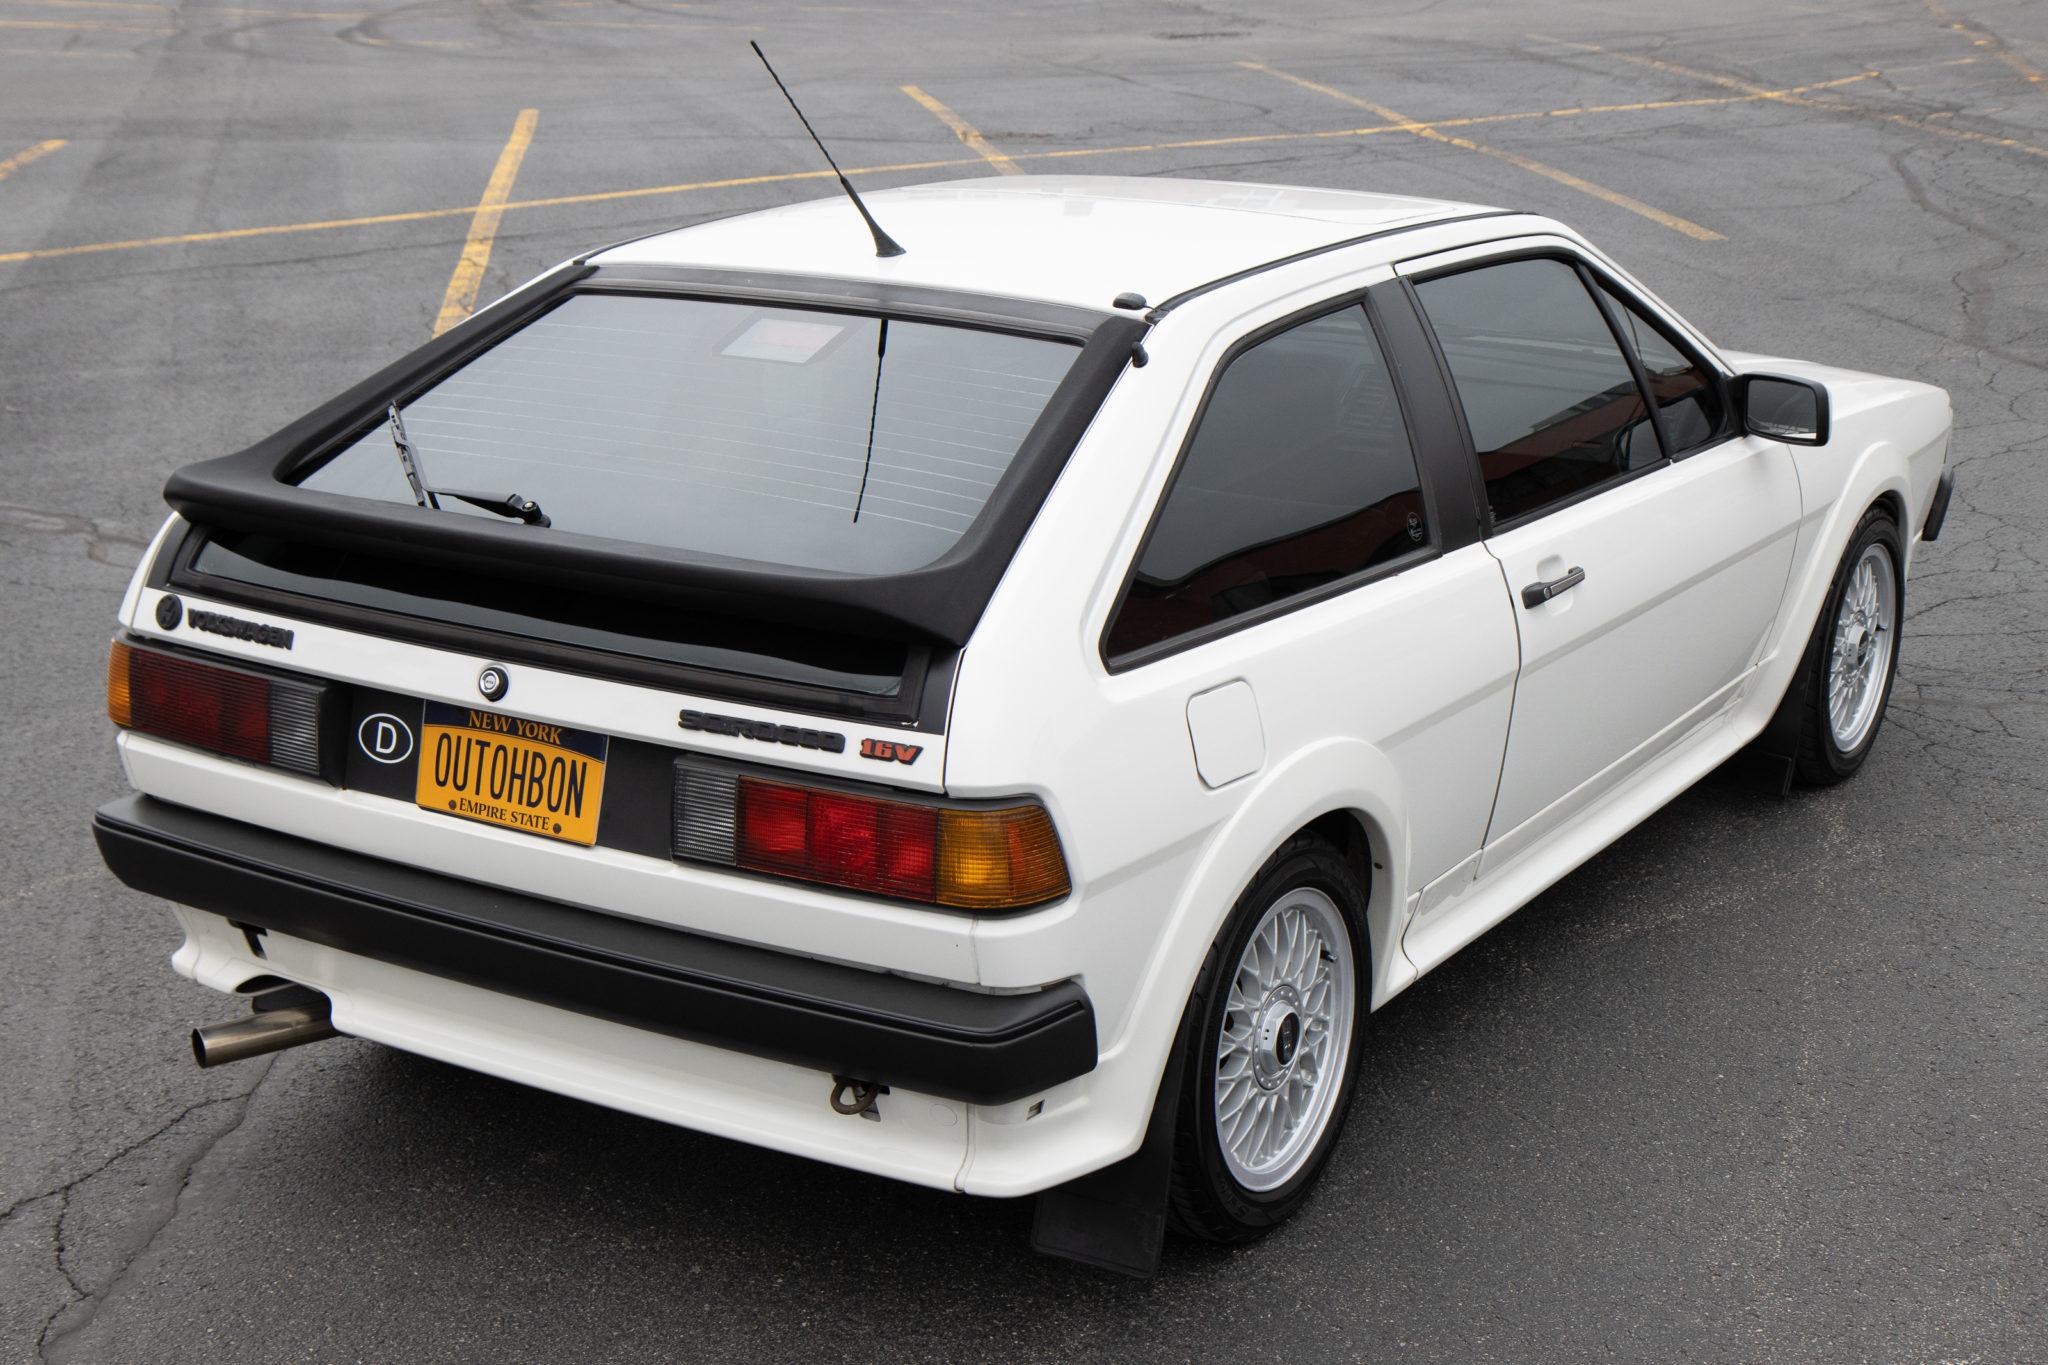 1988_volkswagen_scirocco_16v_158948630484df743803205aeCopy-of-VW-Scirocco-BaT-0004-scaled